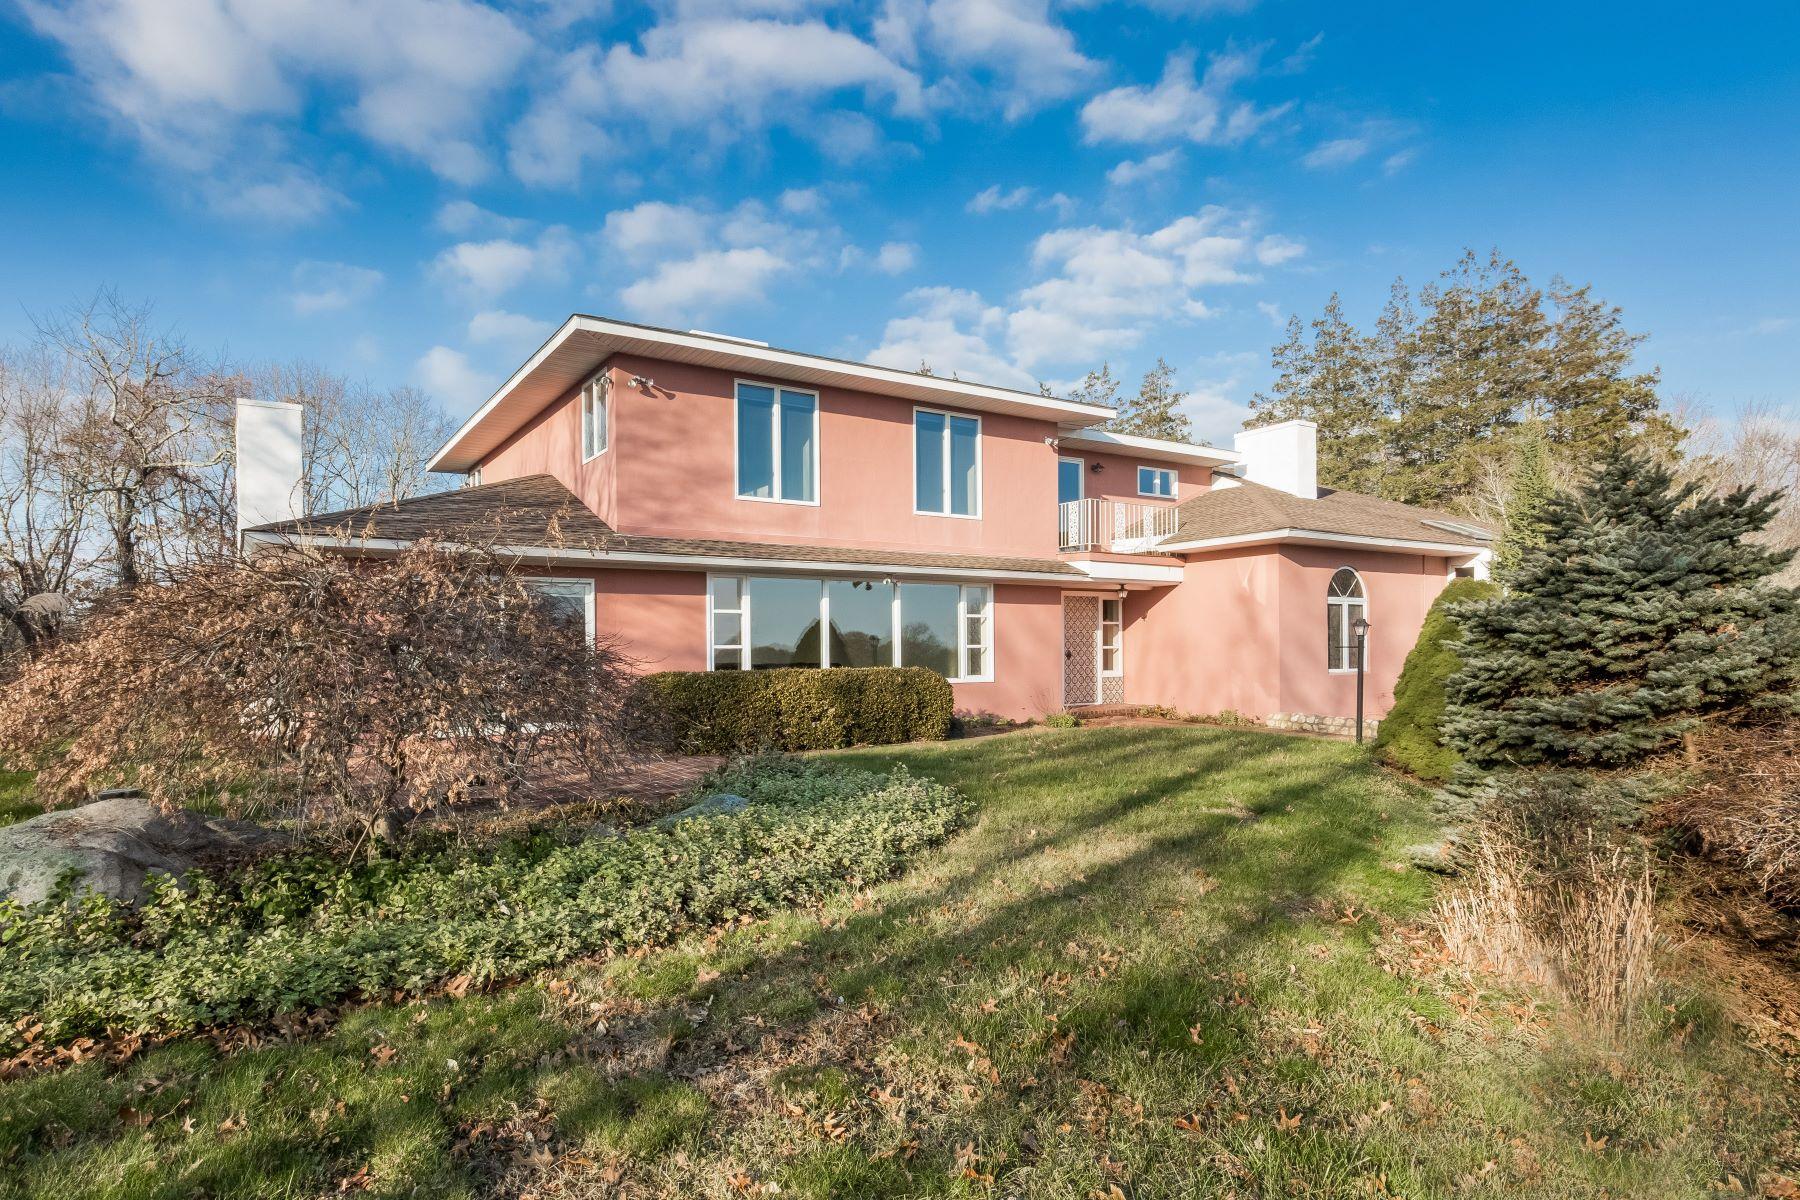 独户住宅 为 销售 在 Hill Top 325 Post Rd, 韦斯特利, 罗得岛, 02891 美国